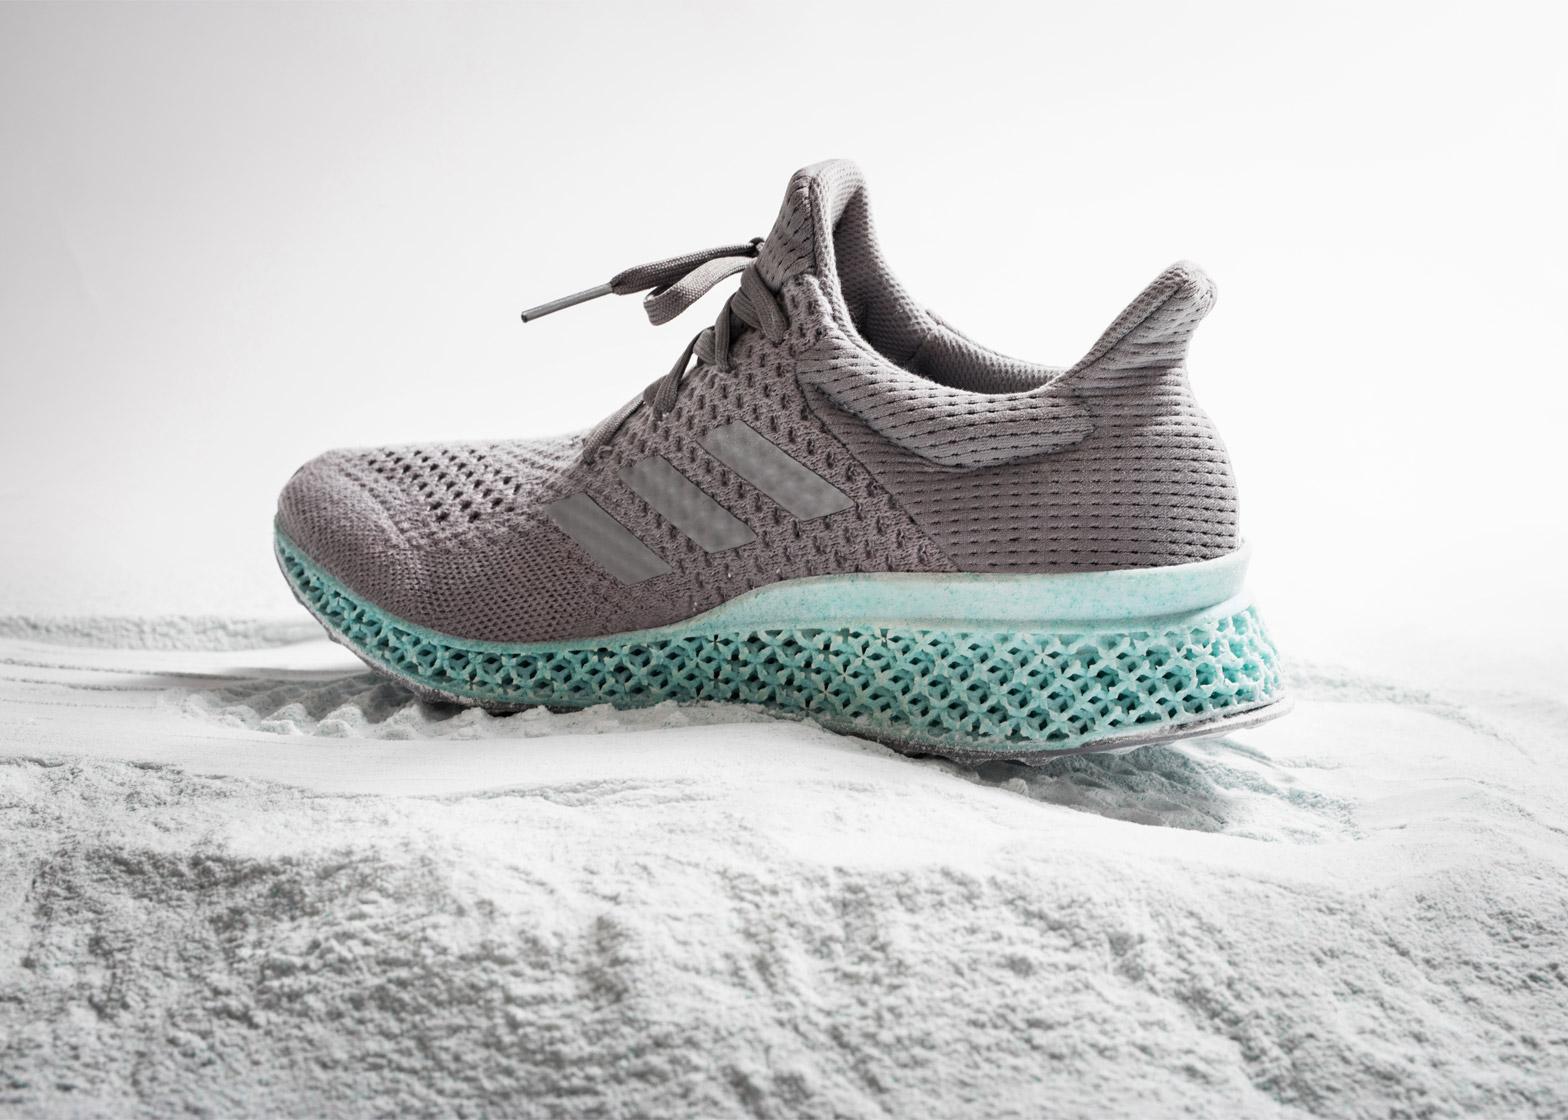 Adidas_3D-printed-midsole_ocean-plastic_marathipizza